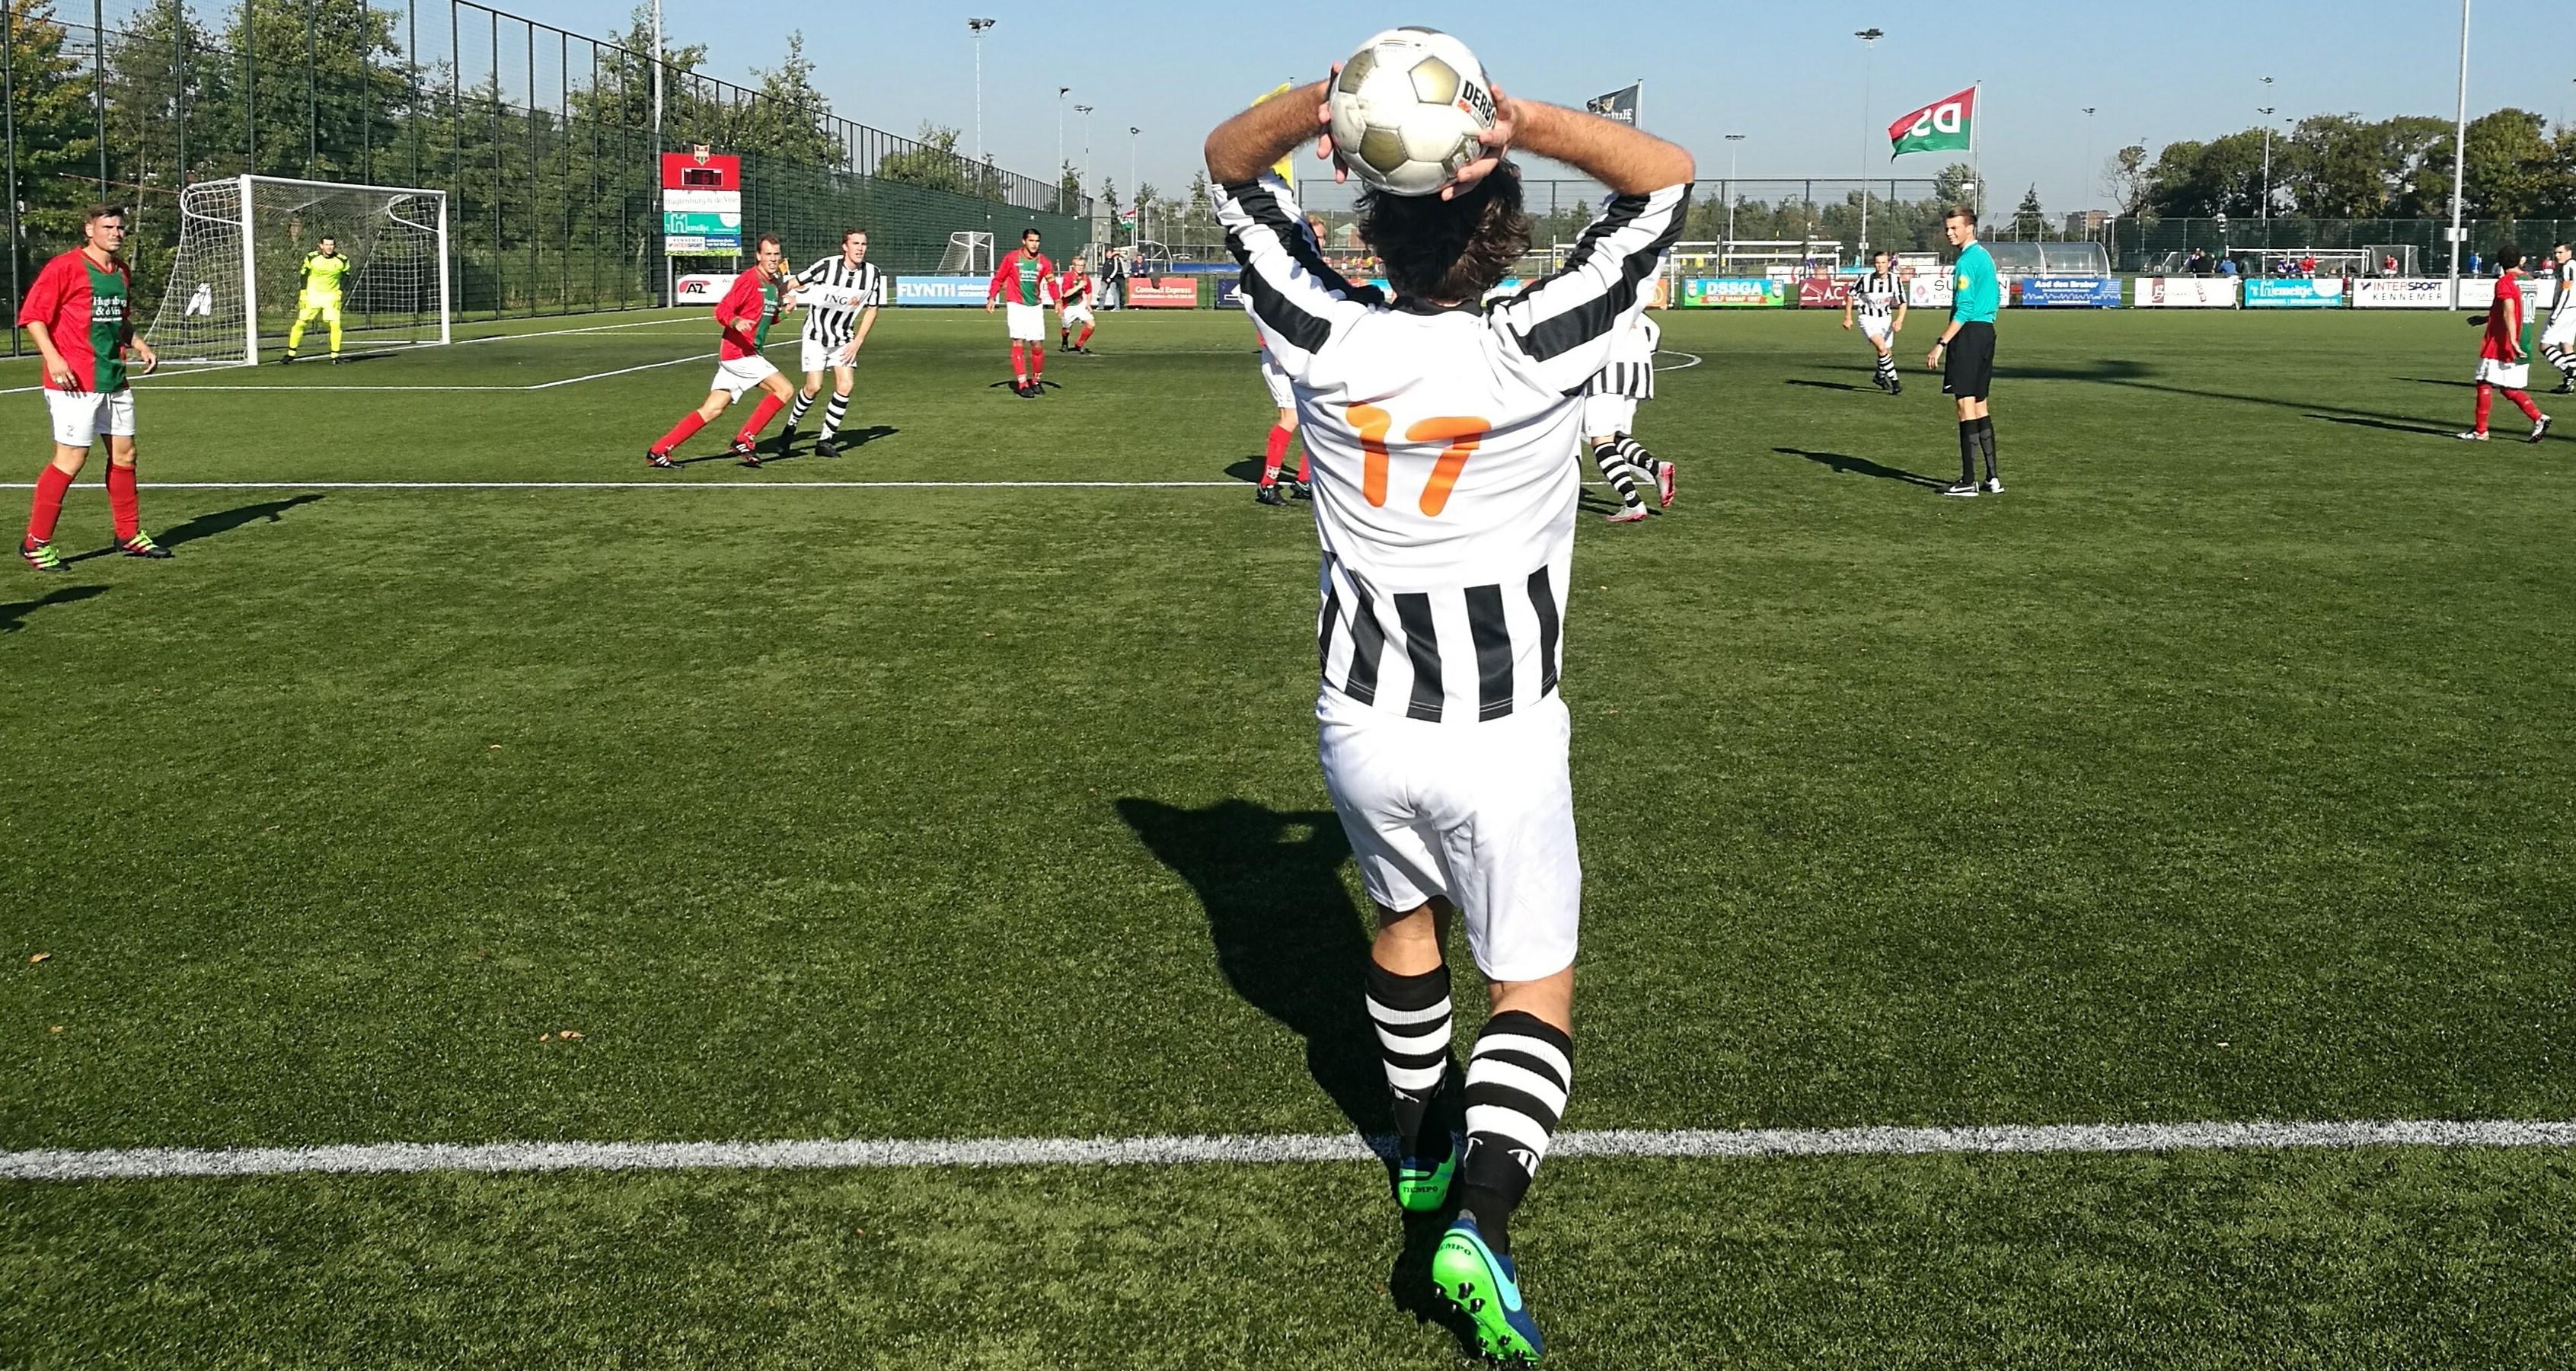 DSS - OG - Voetbal in Haarlem